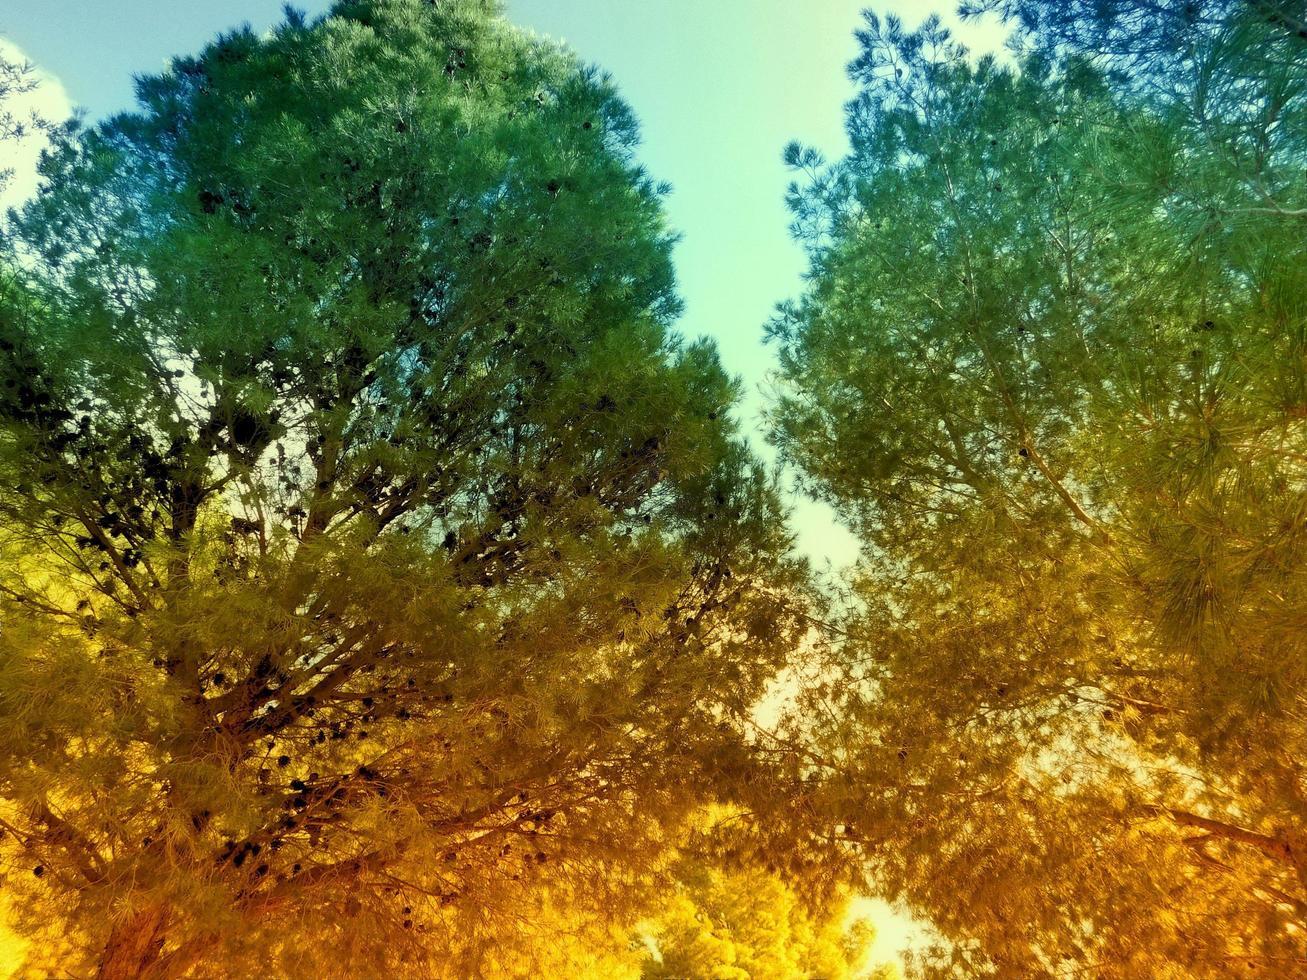 arbres en bois à l'extérieur photo